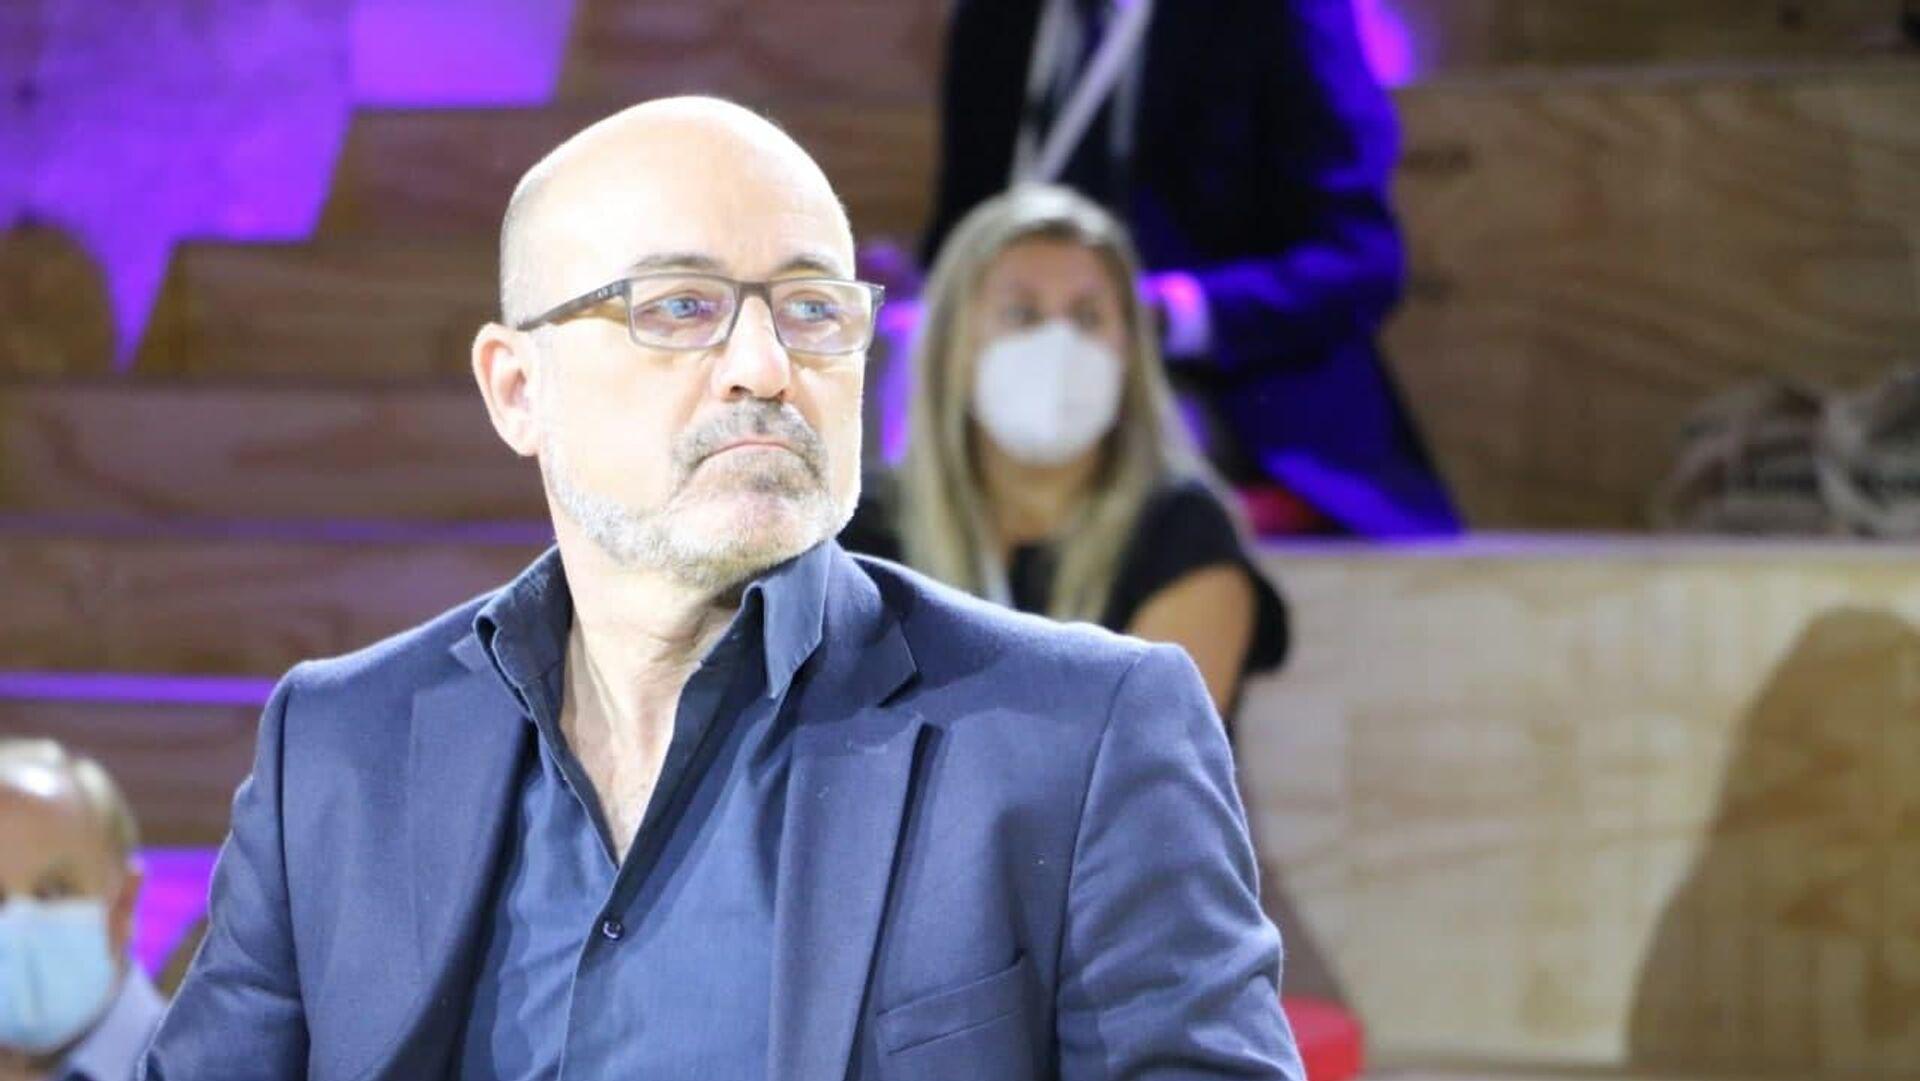 Roberto Cingolani, Ministro della transizione ecologica, al Supersalone, Rho Fiera, Milano - Sputnik Italia, 1920, 16.09.2021